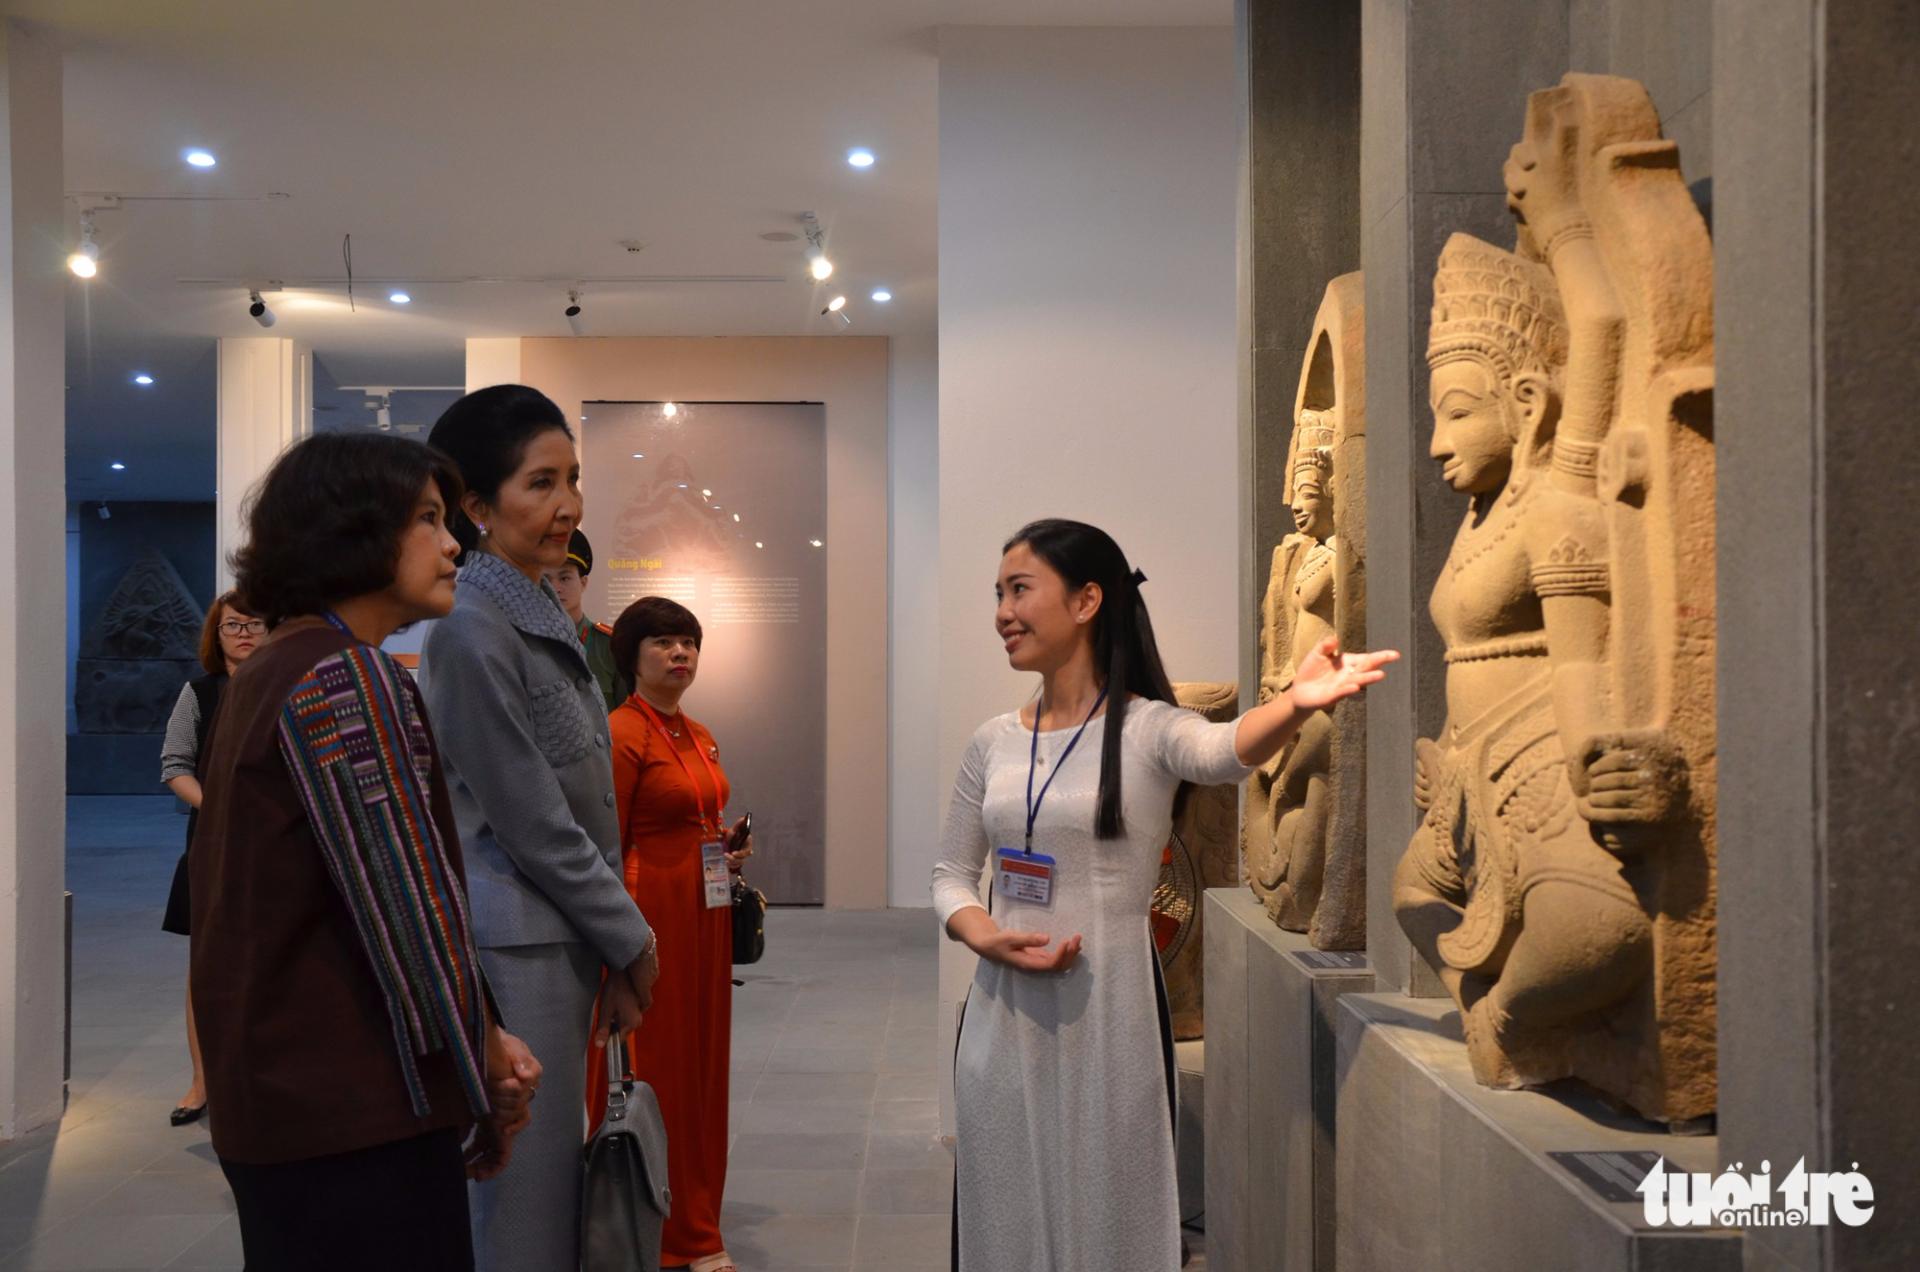 Phu nhân thủ tướng Thái Lan thăm bảo tàng Điêu khắc Chăm Đà Nẵng - Ảnh 1.